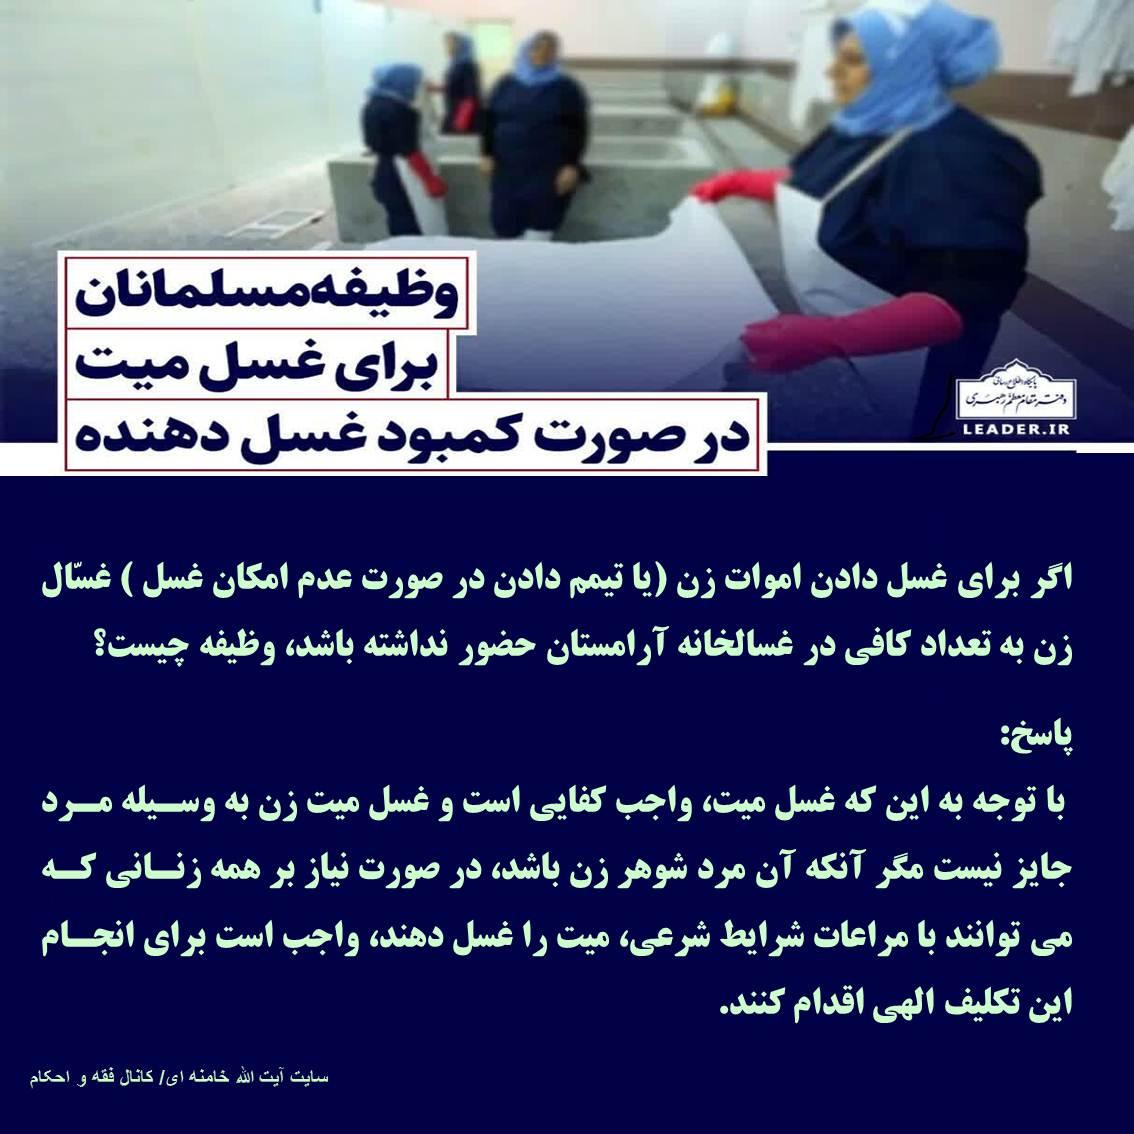 وظیفه مسلمانان برای غسل میت در صورت کمبود غسل دهنده